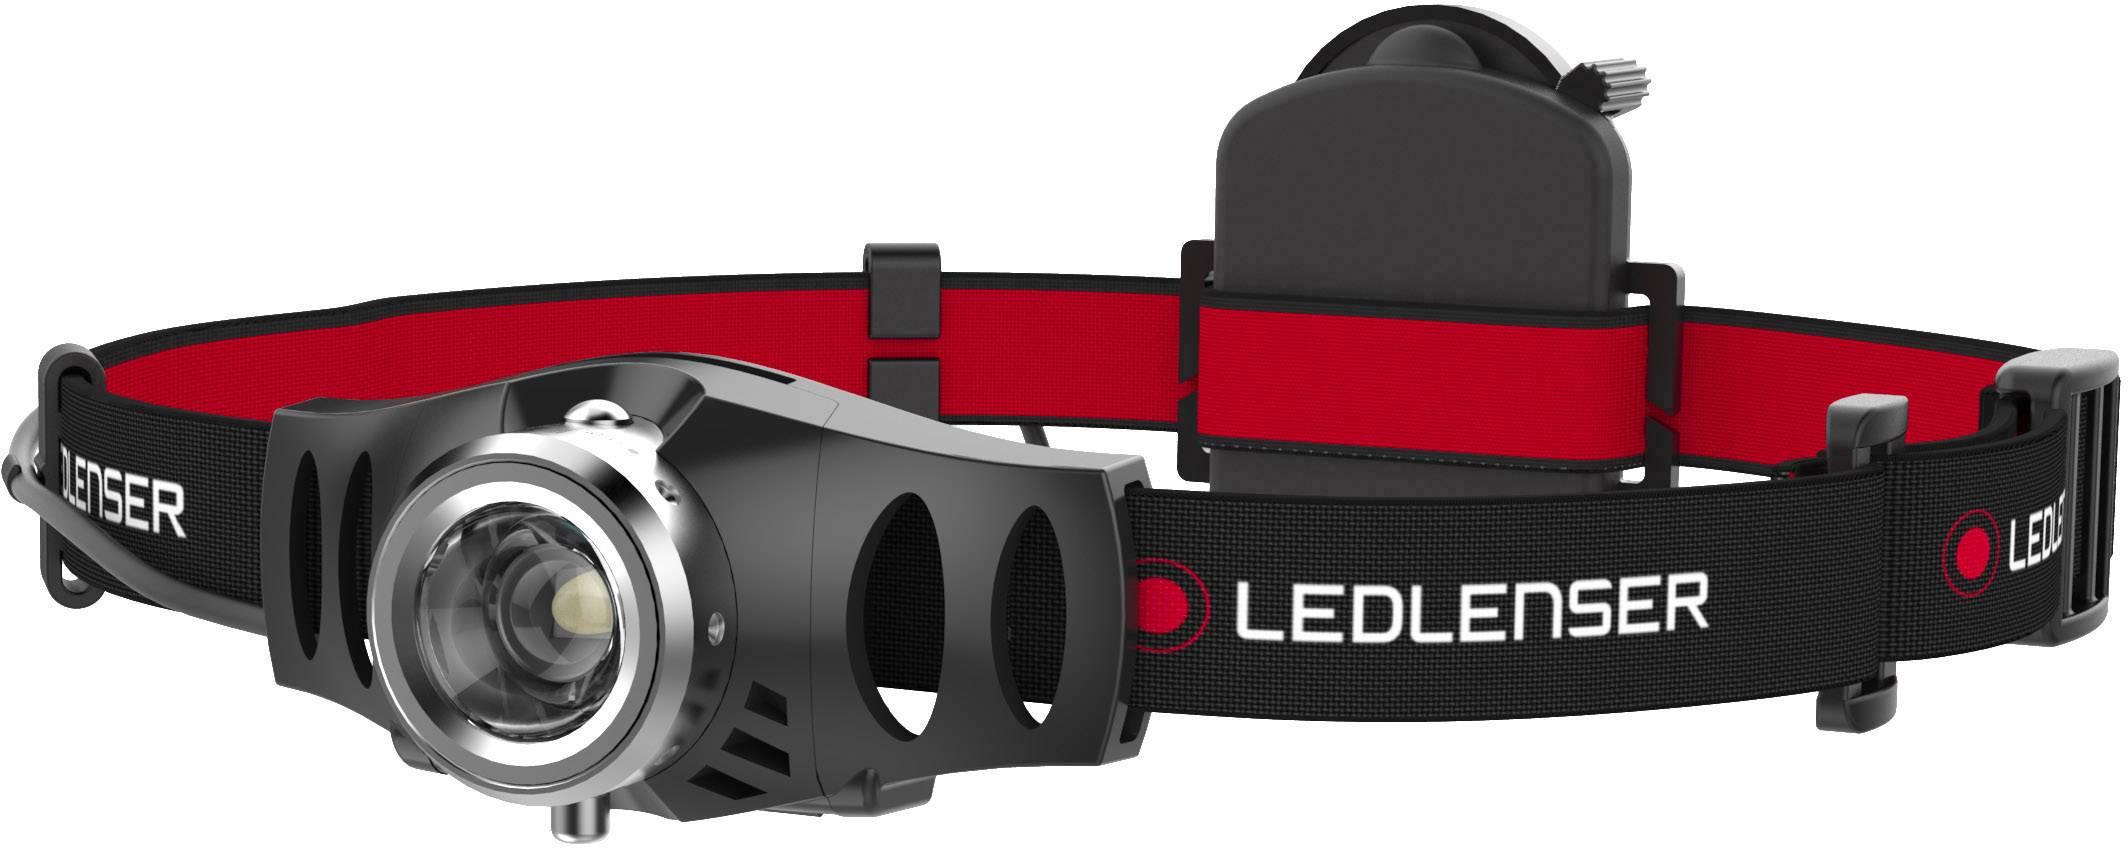 LED Ledlenser H3.2 500768, čierna